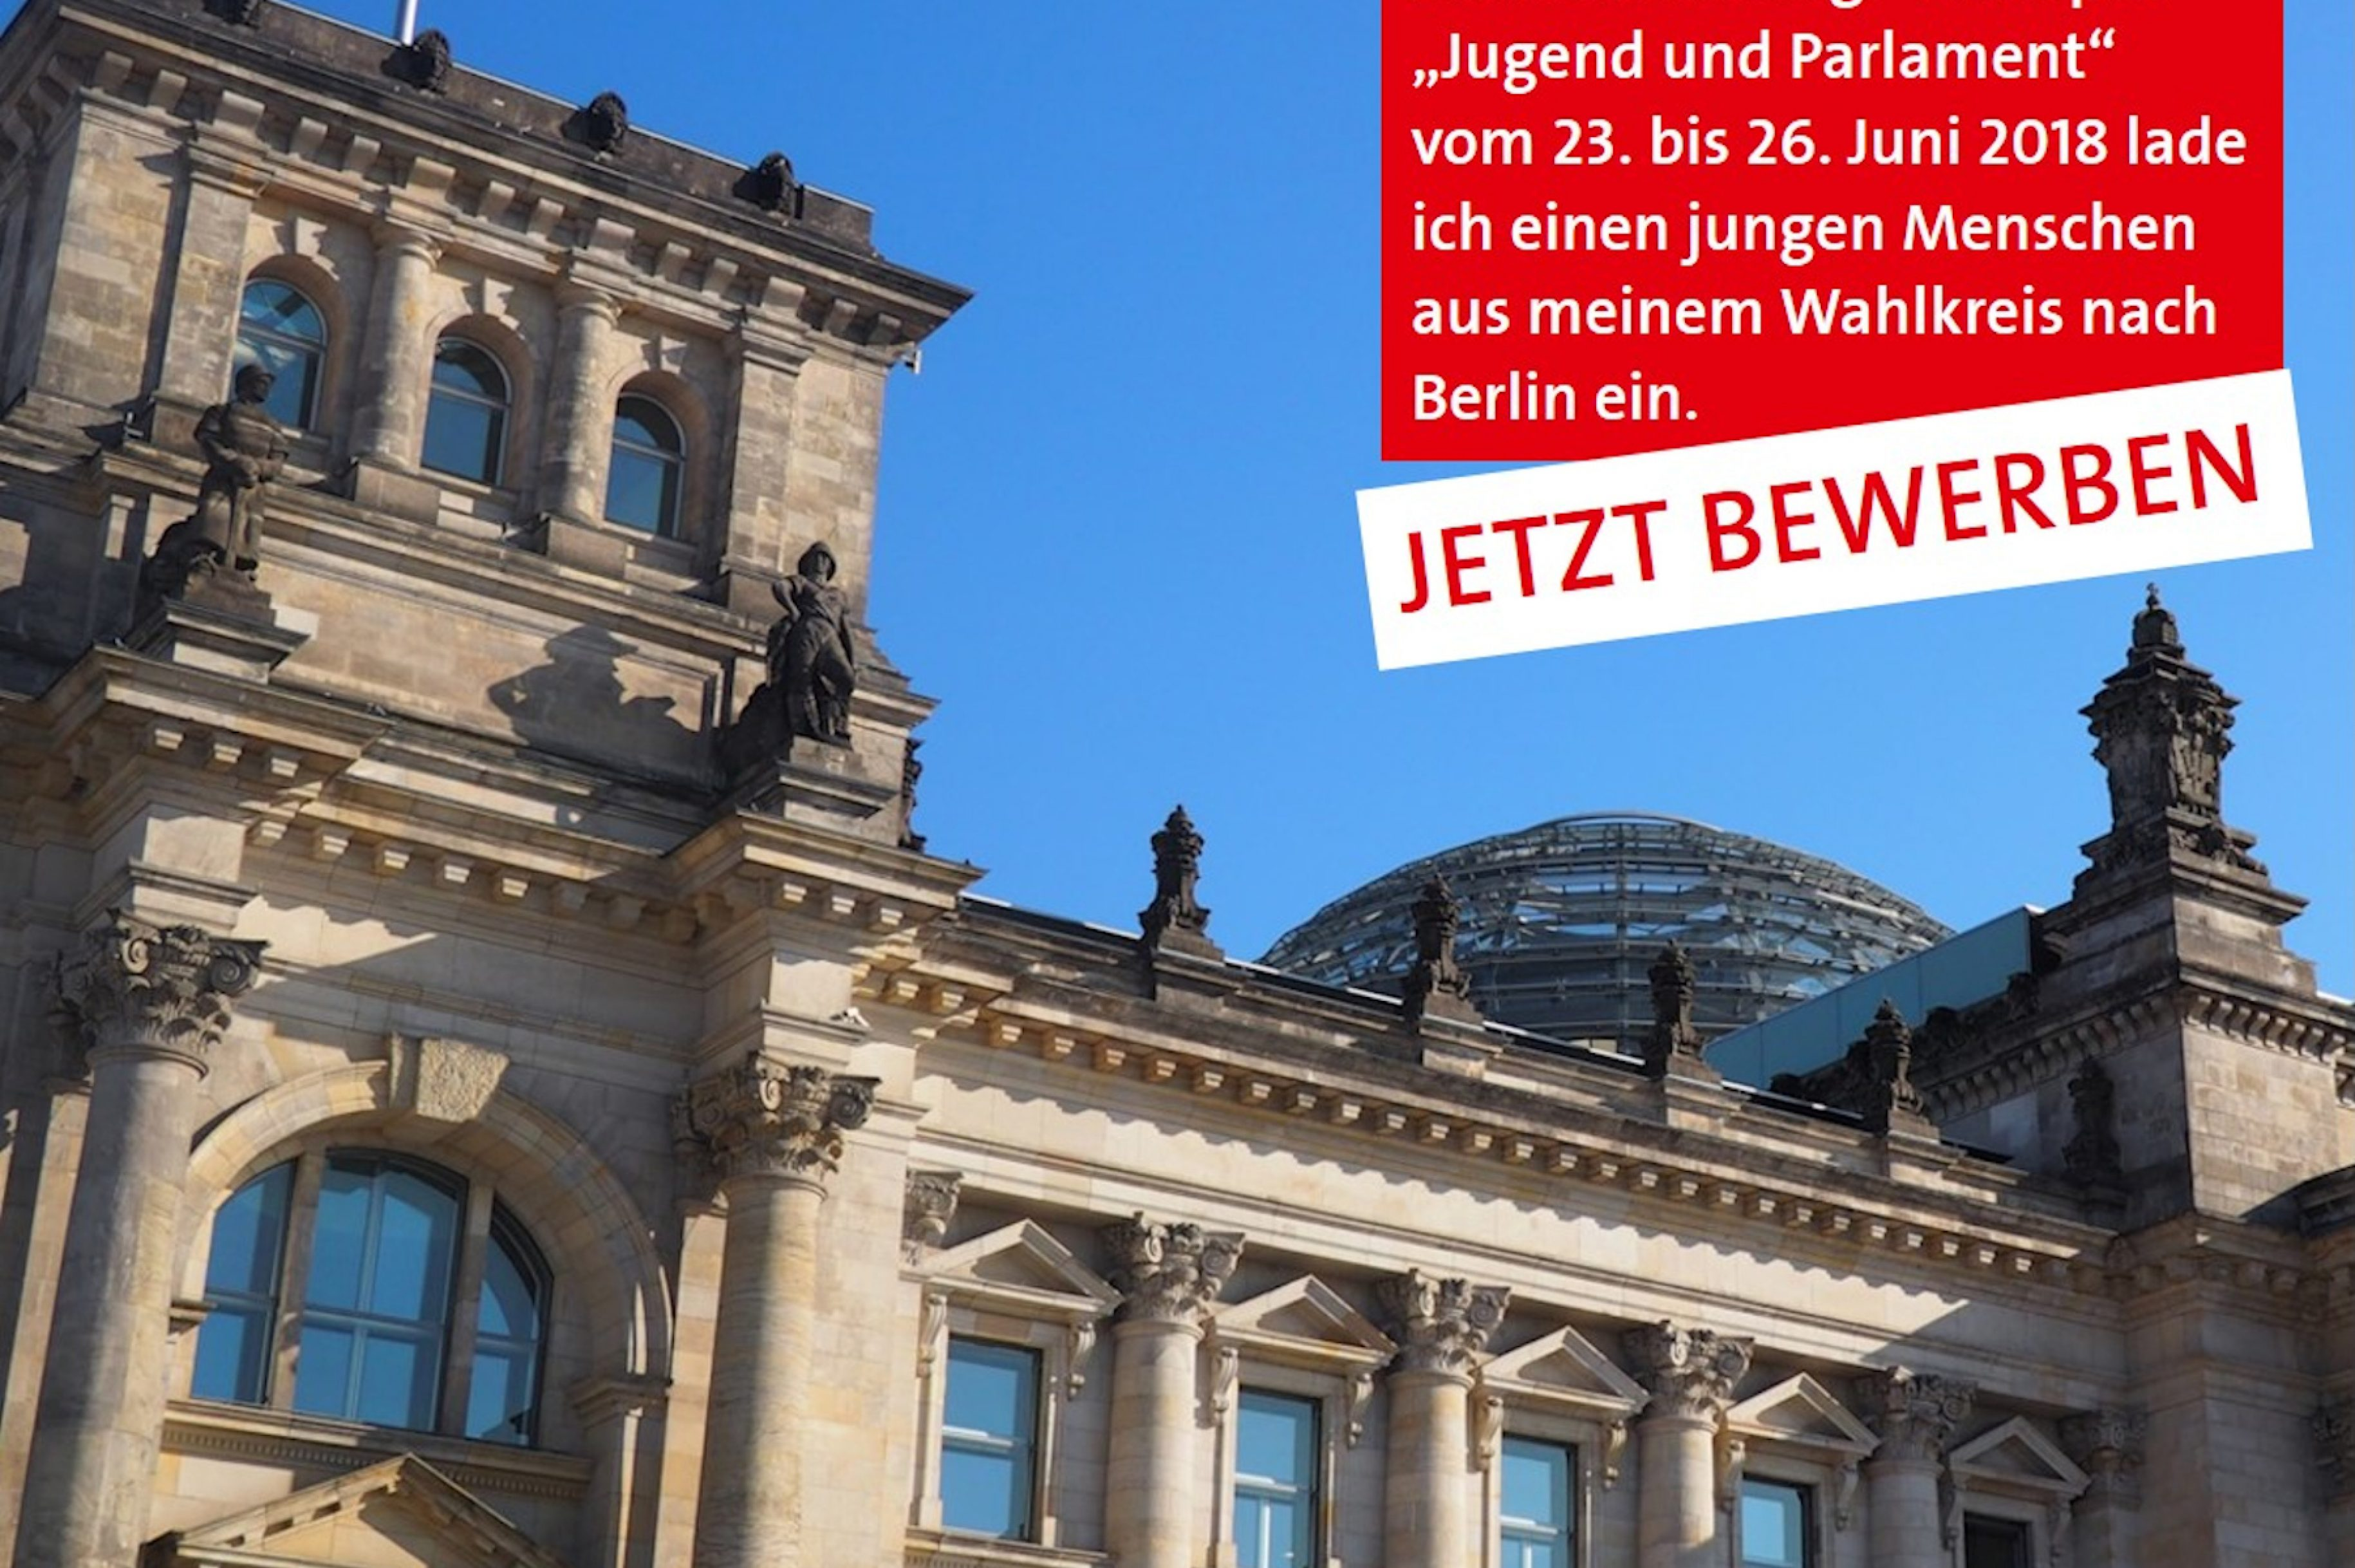 Völlers sucht Teilnehmer für Bundestagsplanspiel